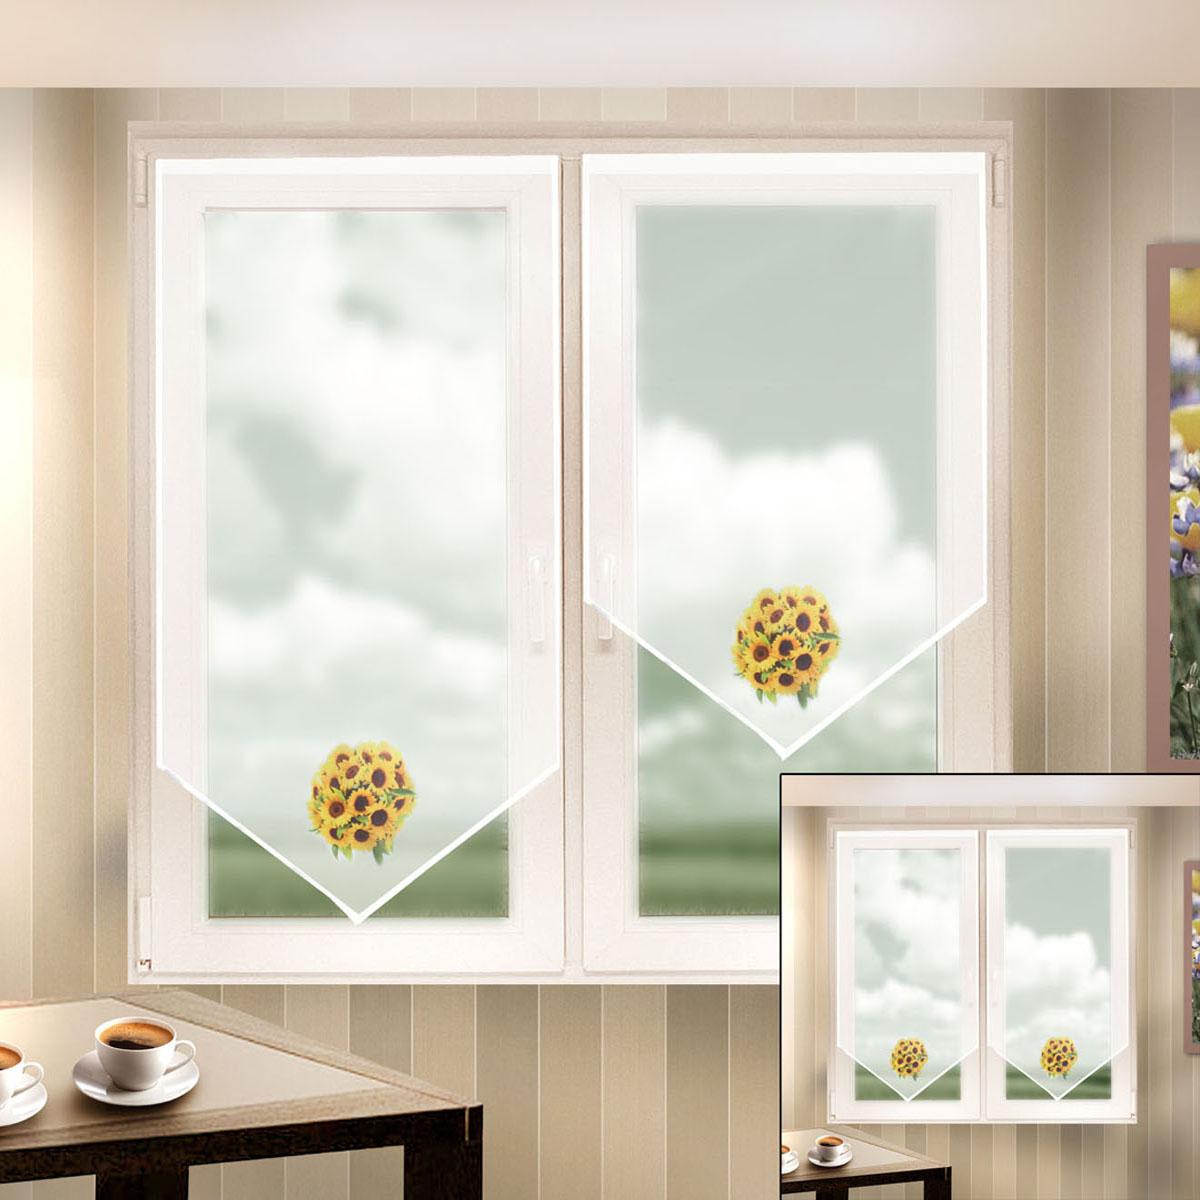 Гардина Zlata Korunka, на липкой ленте, цвет: белый, высота 90 см и 120 см, 2 шт. 666058-2666058-2Гардина на липкой ленте Zlata Korunka, изготовленная из легкого полиэстера, станет великолепным украшением любого окна. Полотно из белой вуали с печатным рисунком привлечет к себе внимание и органично впишется в интерьер комнаты. Крепление на липкой ленте, не требующее сверления стен и карниза. Многоразовое и мгновенное крепление.